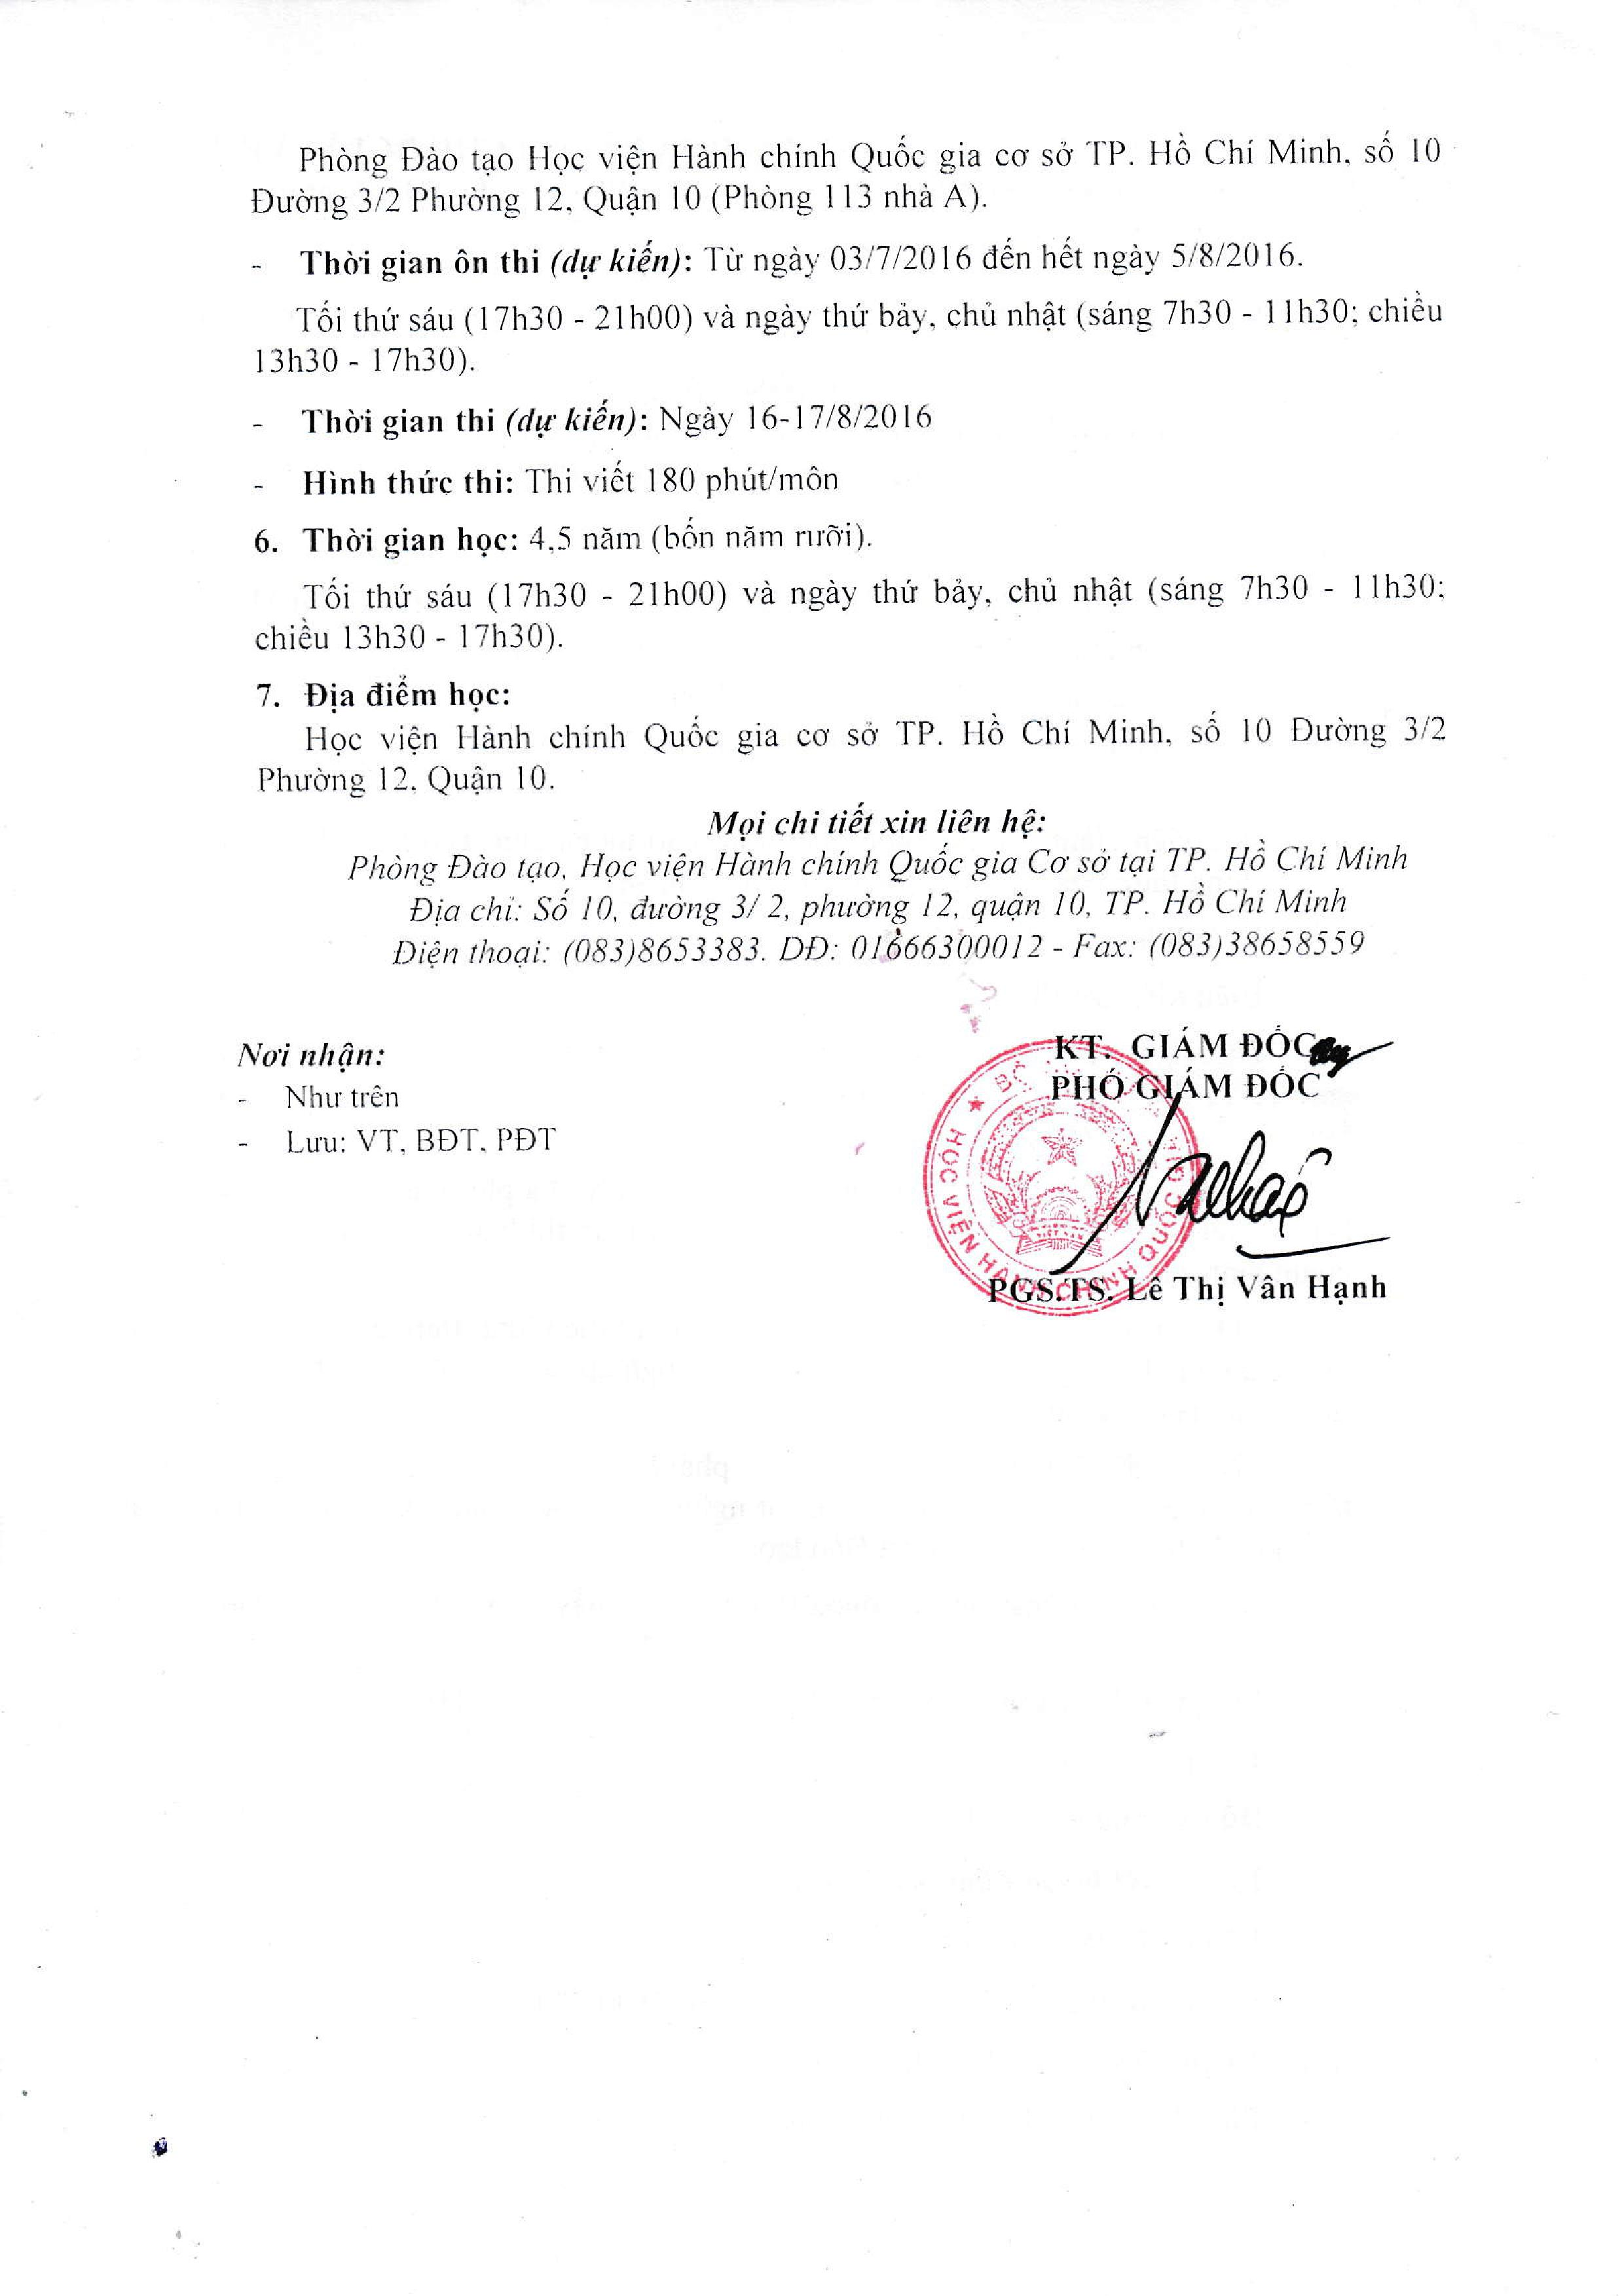 THONG BAO TUYEN SINH 2016-page-002